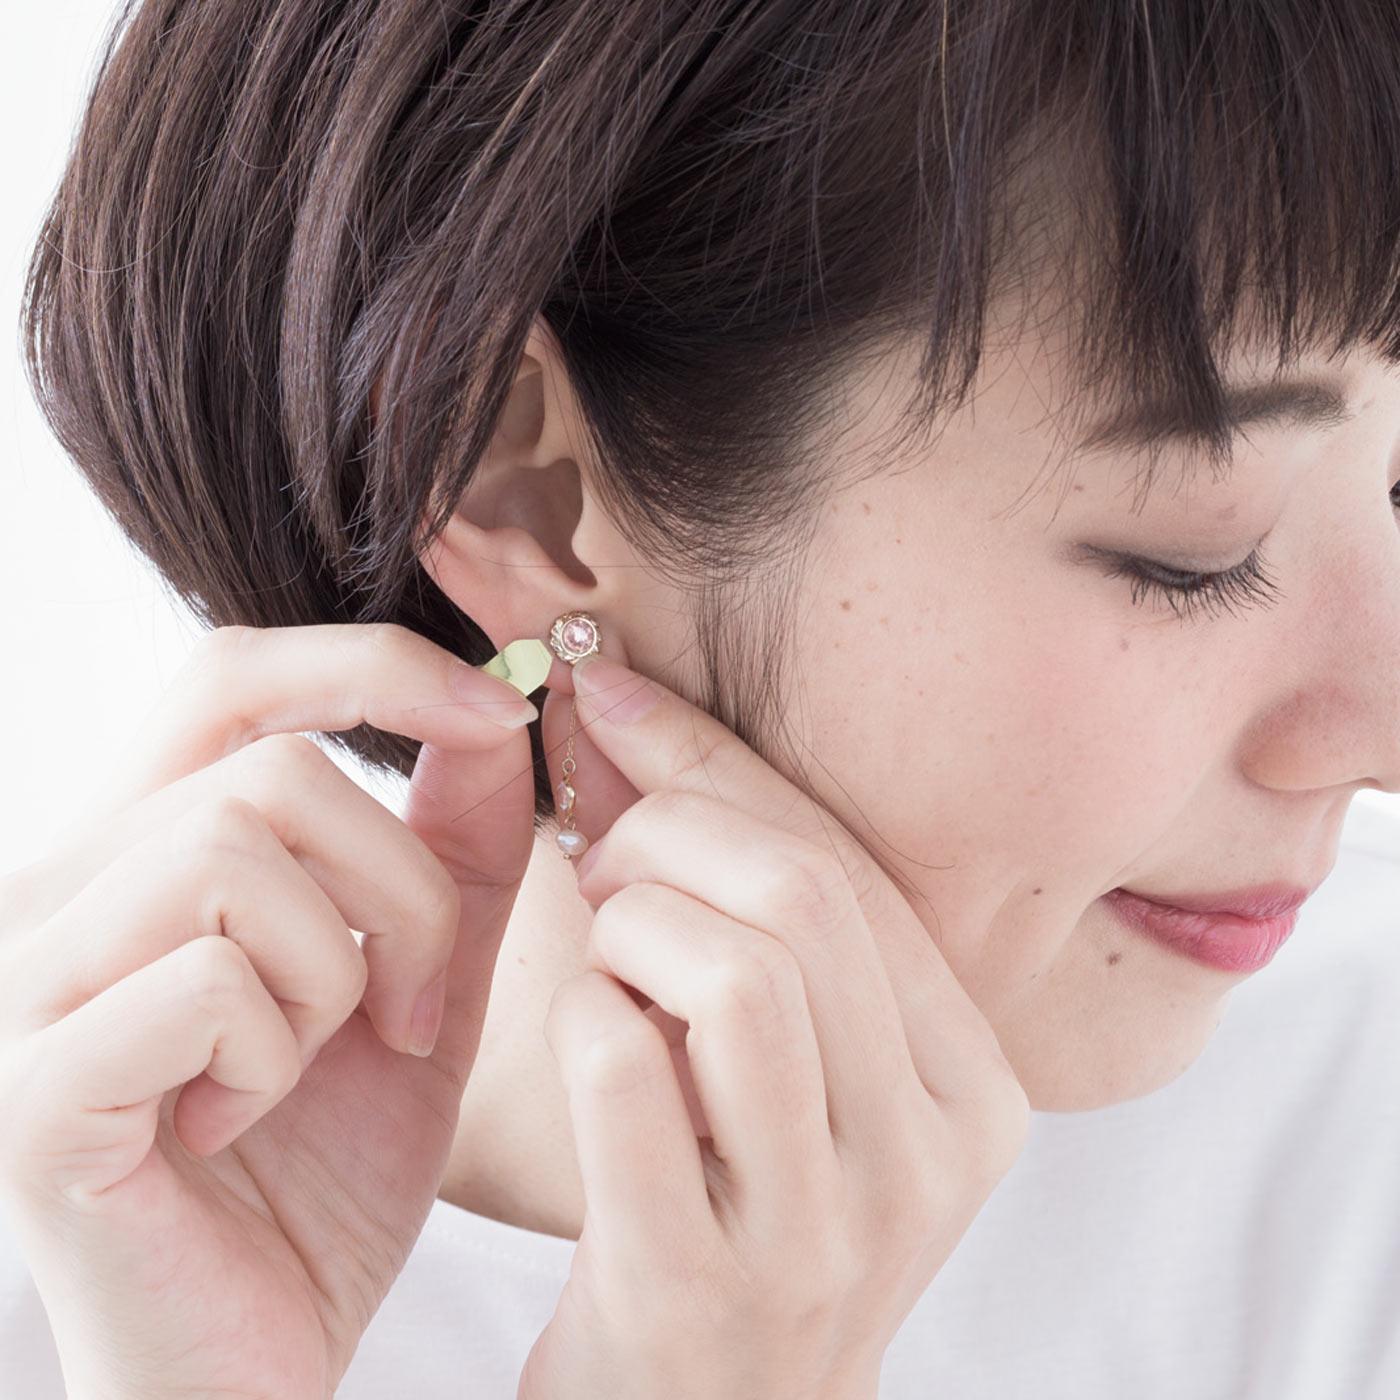 【STEP 3】粘着部分を耳たぶに押しつけて固定し、持ち手部分を引っ張ってちぎります。